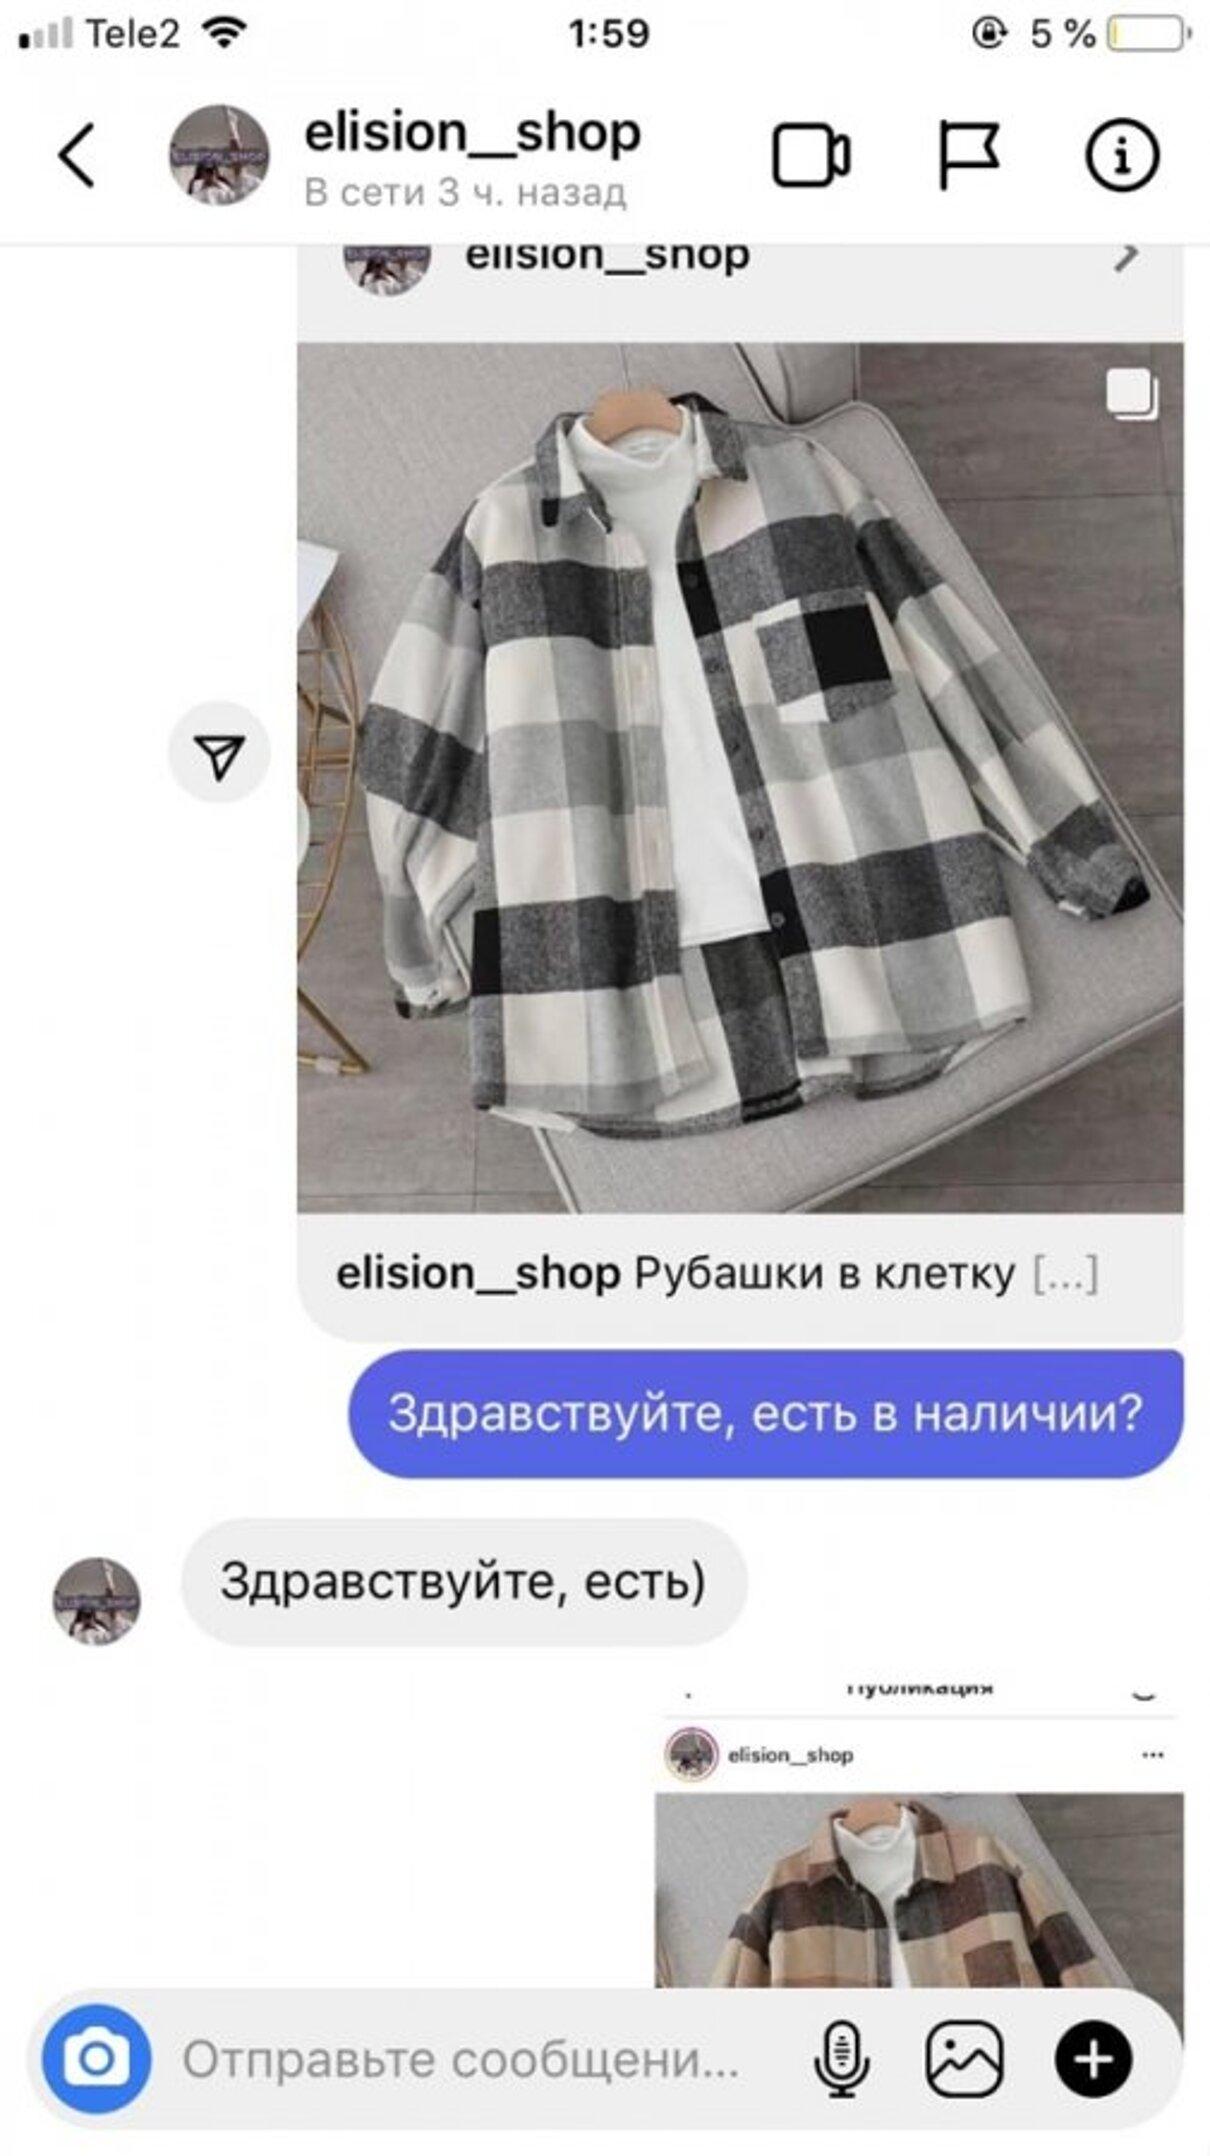 Жалоба-отзыв: Elision_shop - Обман в магазине инстаграм.  Фото №1